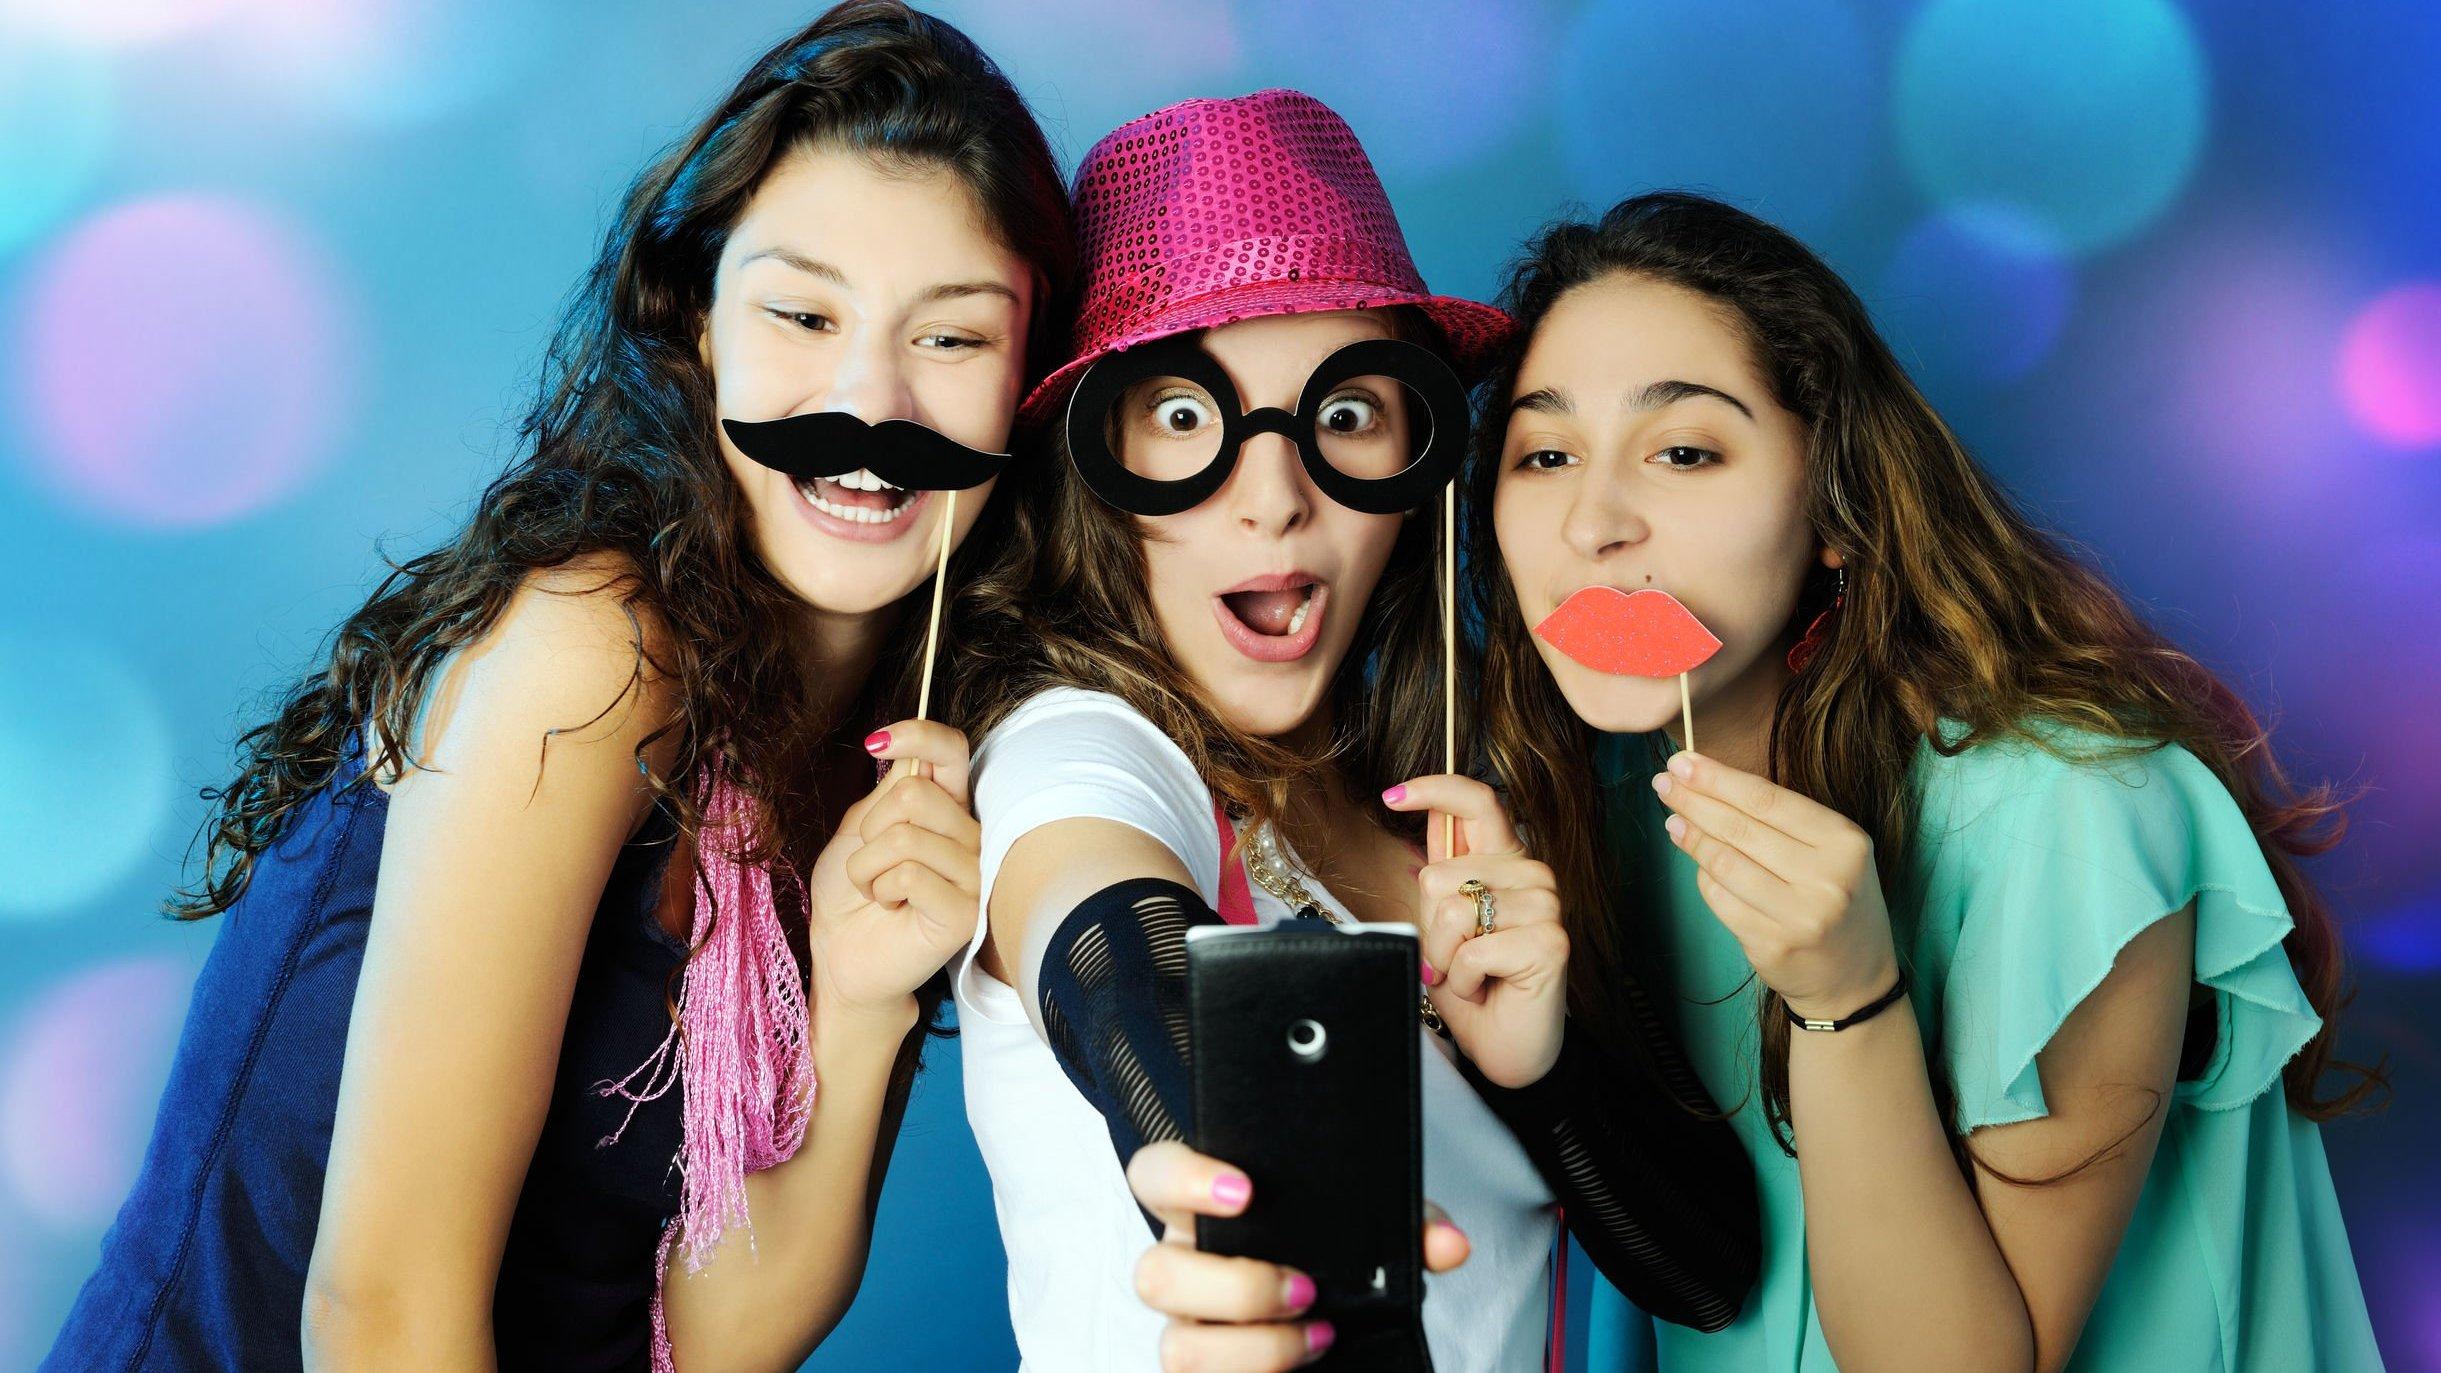 Mulheres com enfeites de carnaval